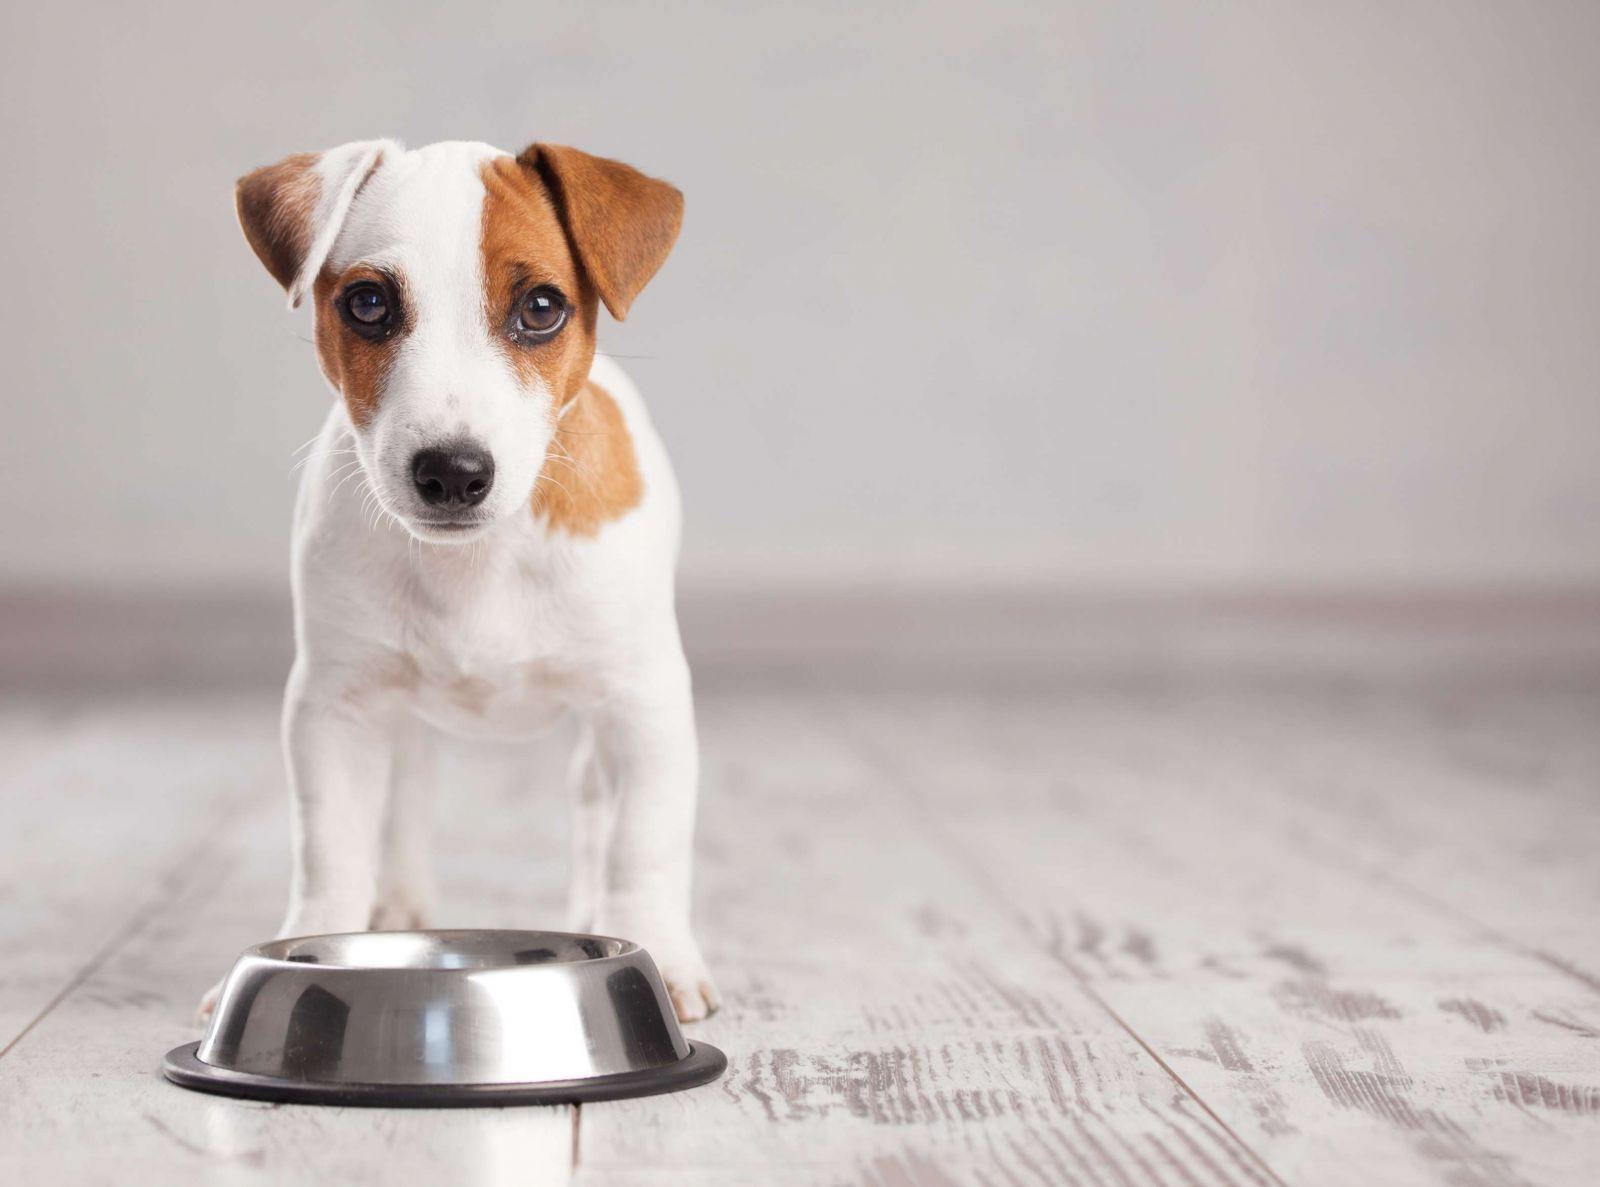 cachorro no quiere comer pienso